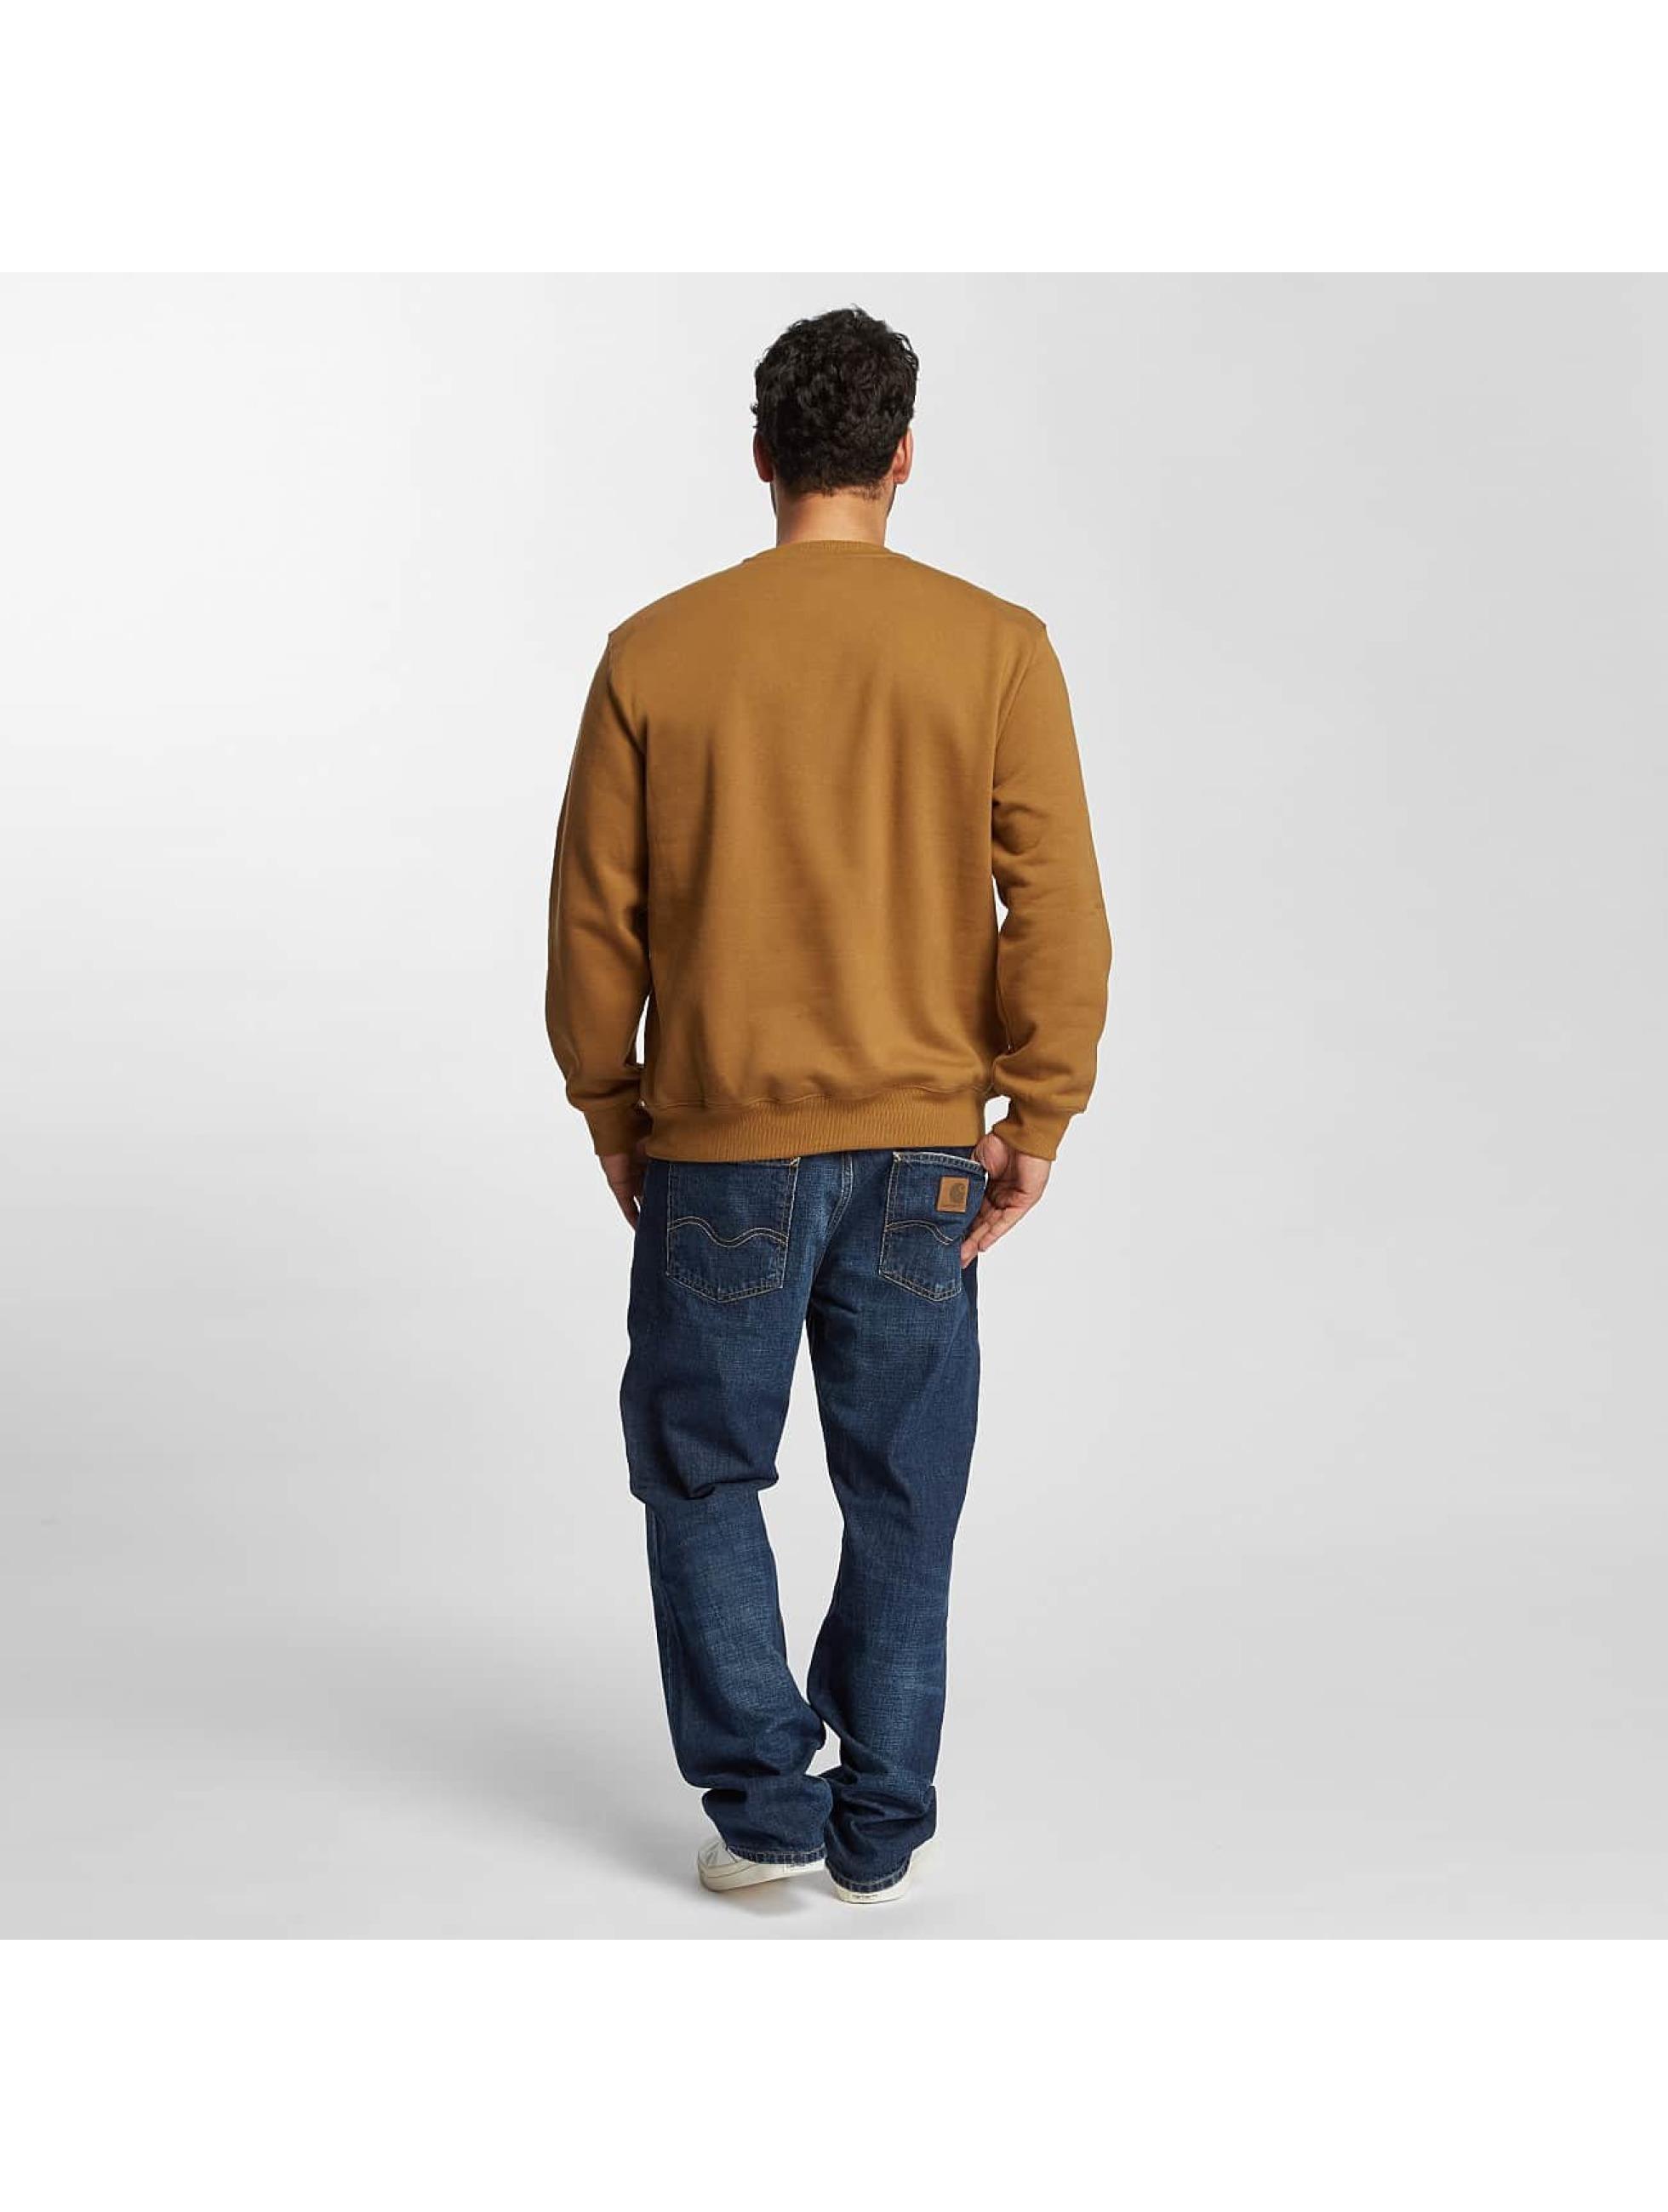 Carhartt WIP Swetry frequenzy brazowy